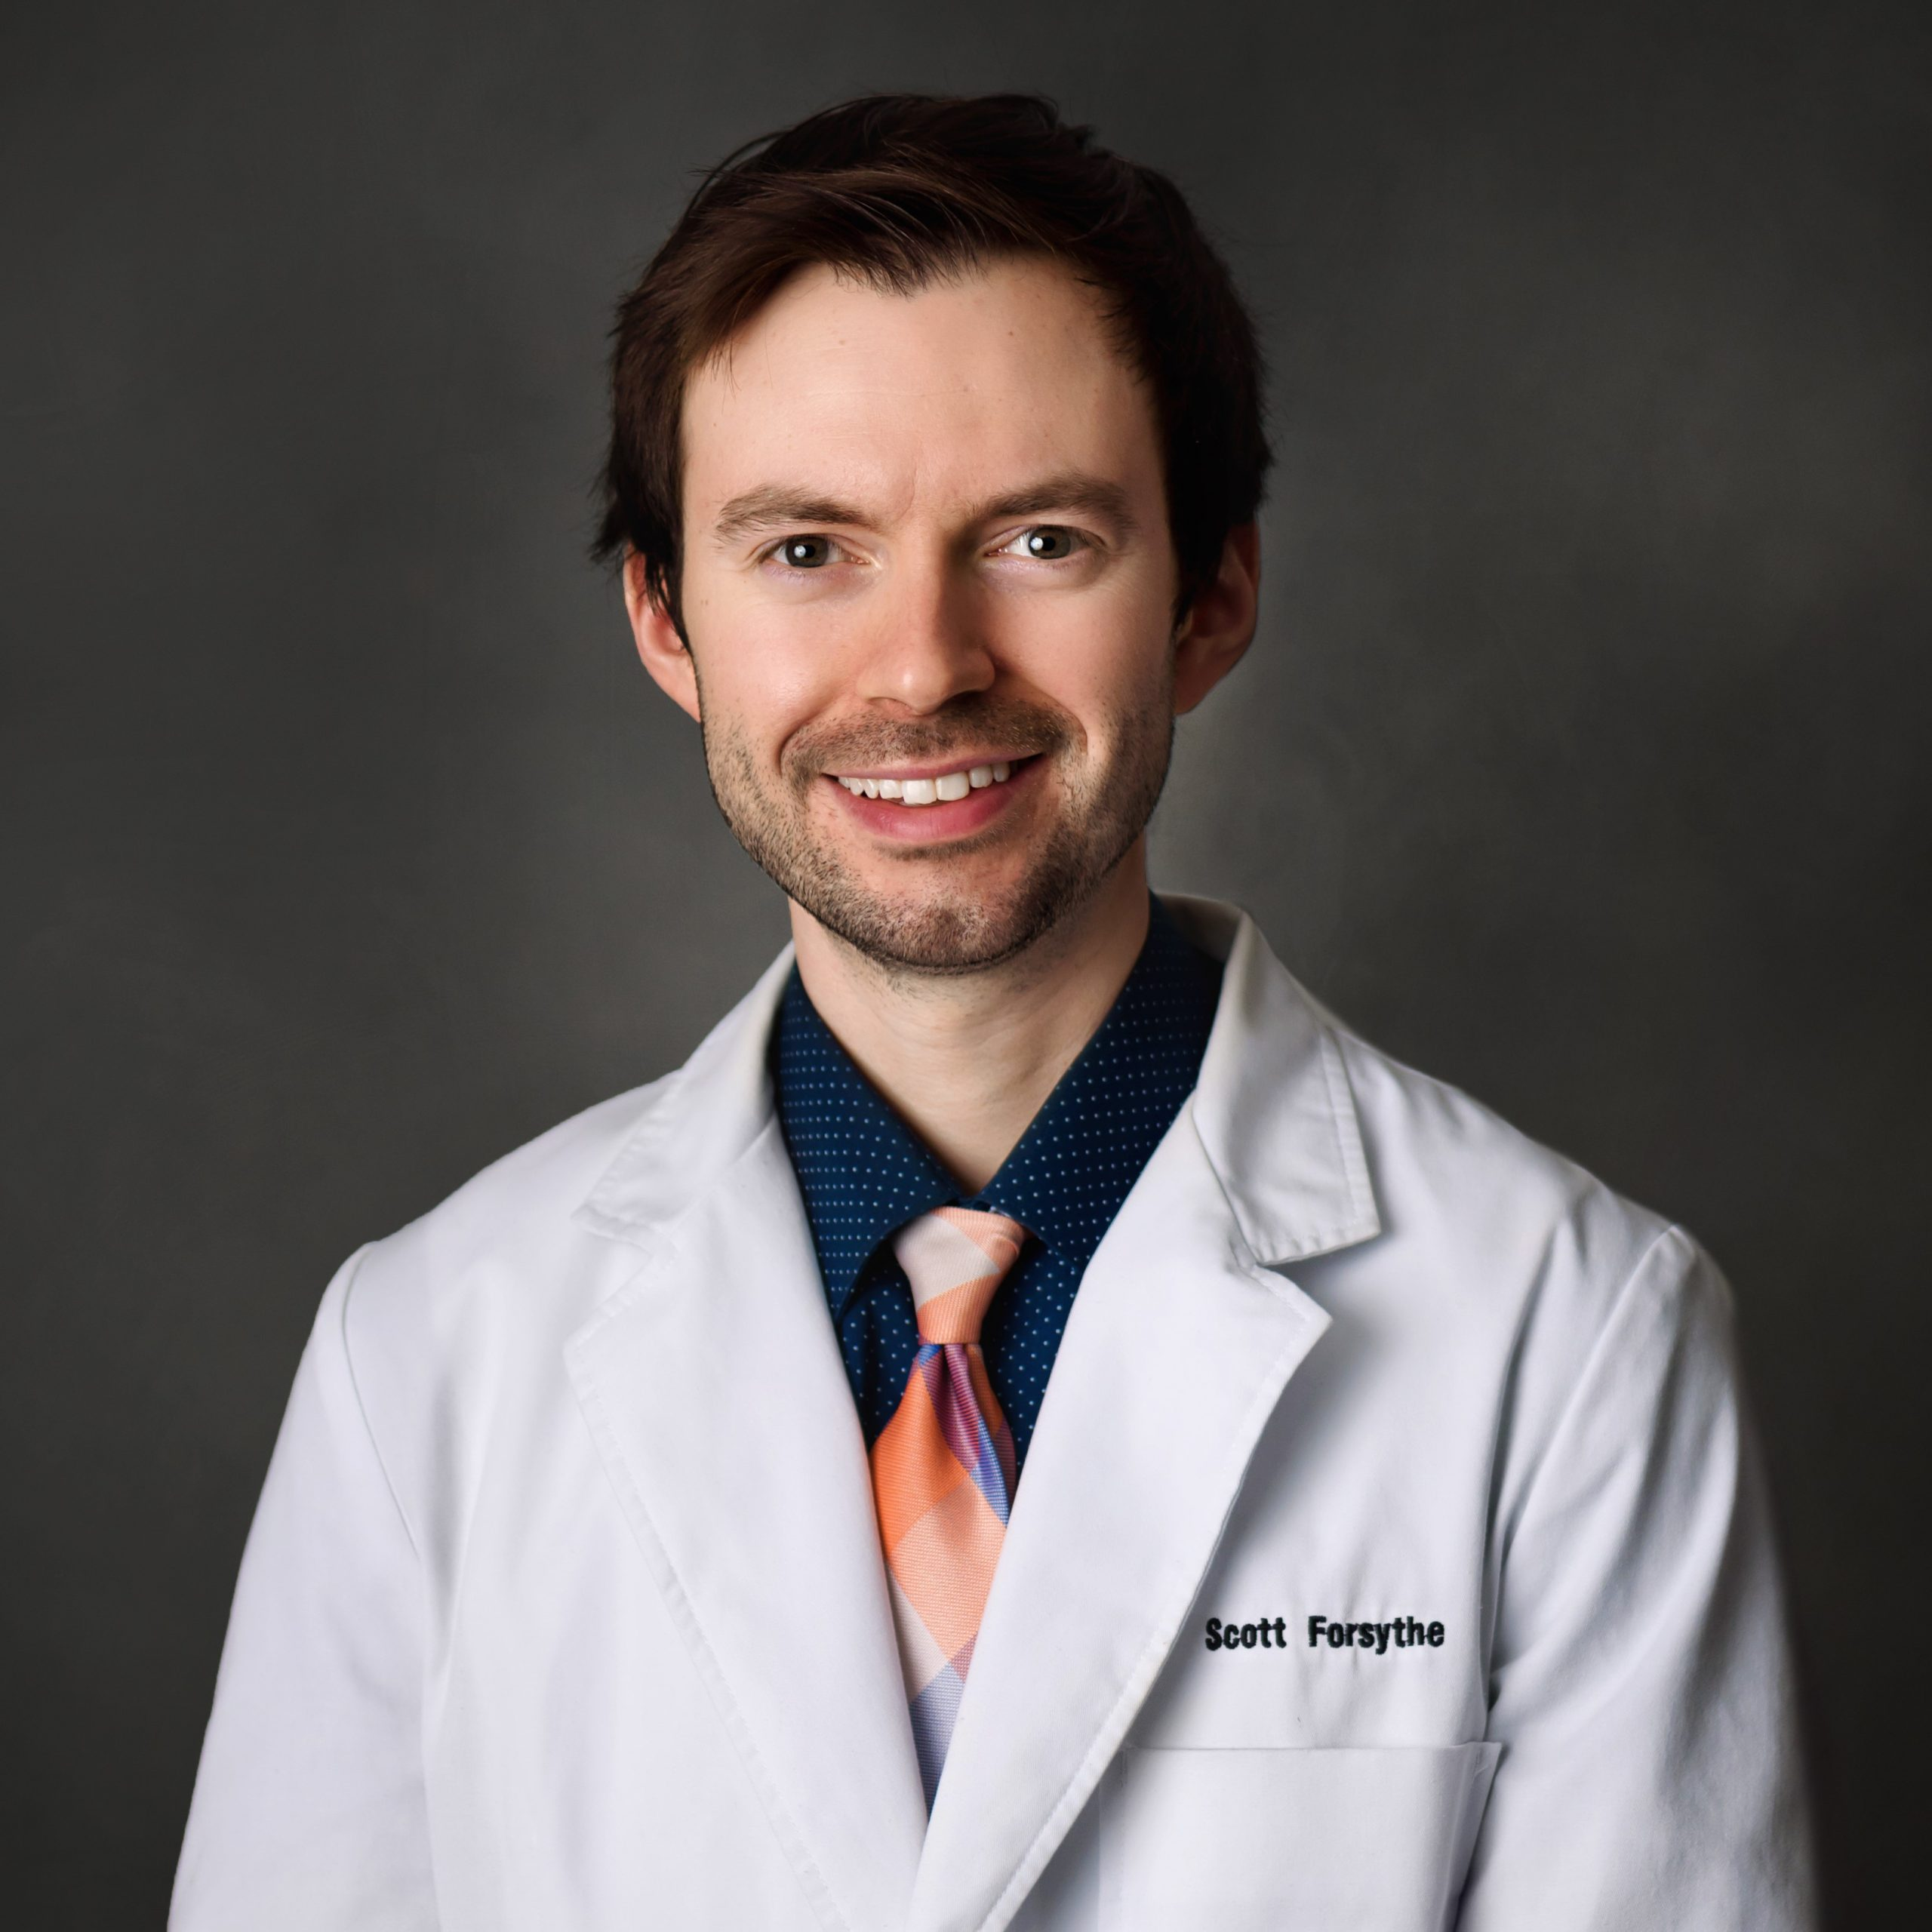 Scott Forsythe- Shopko Optical optometrist